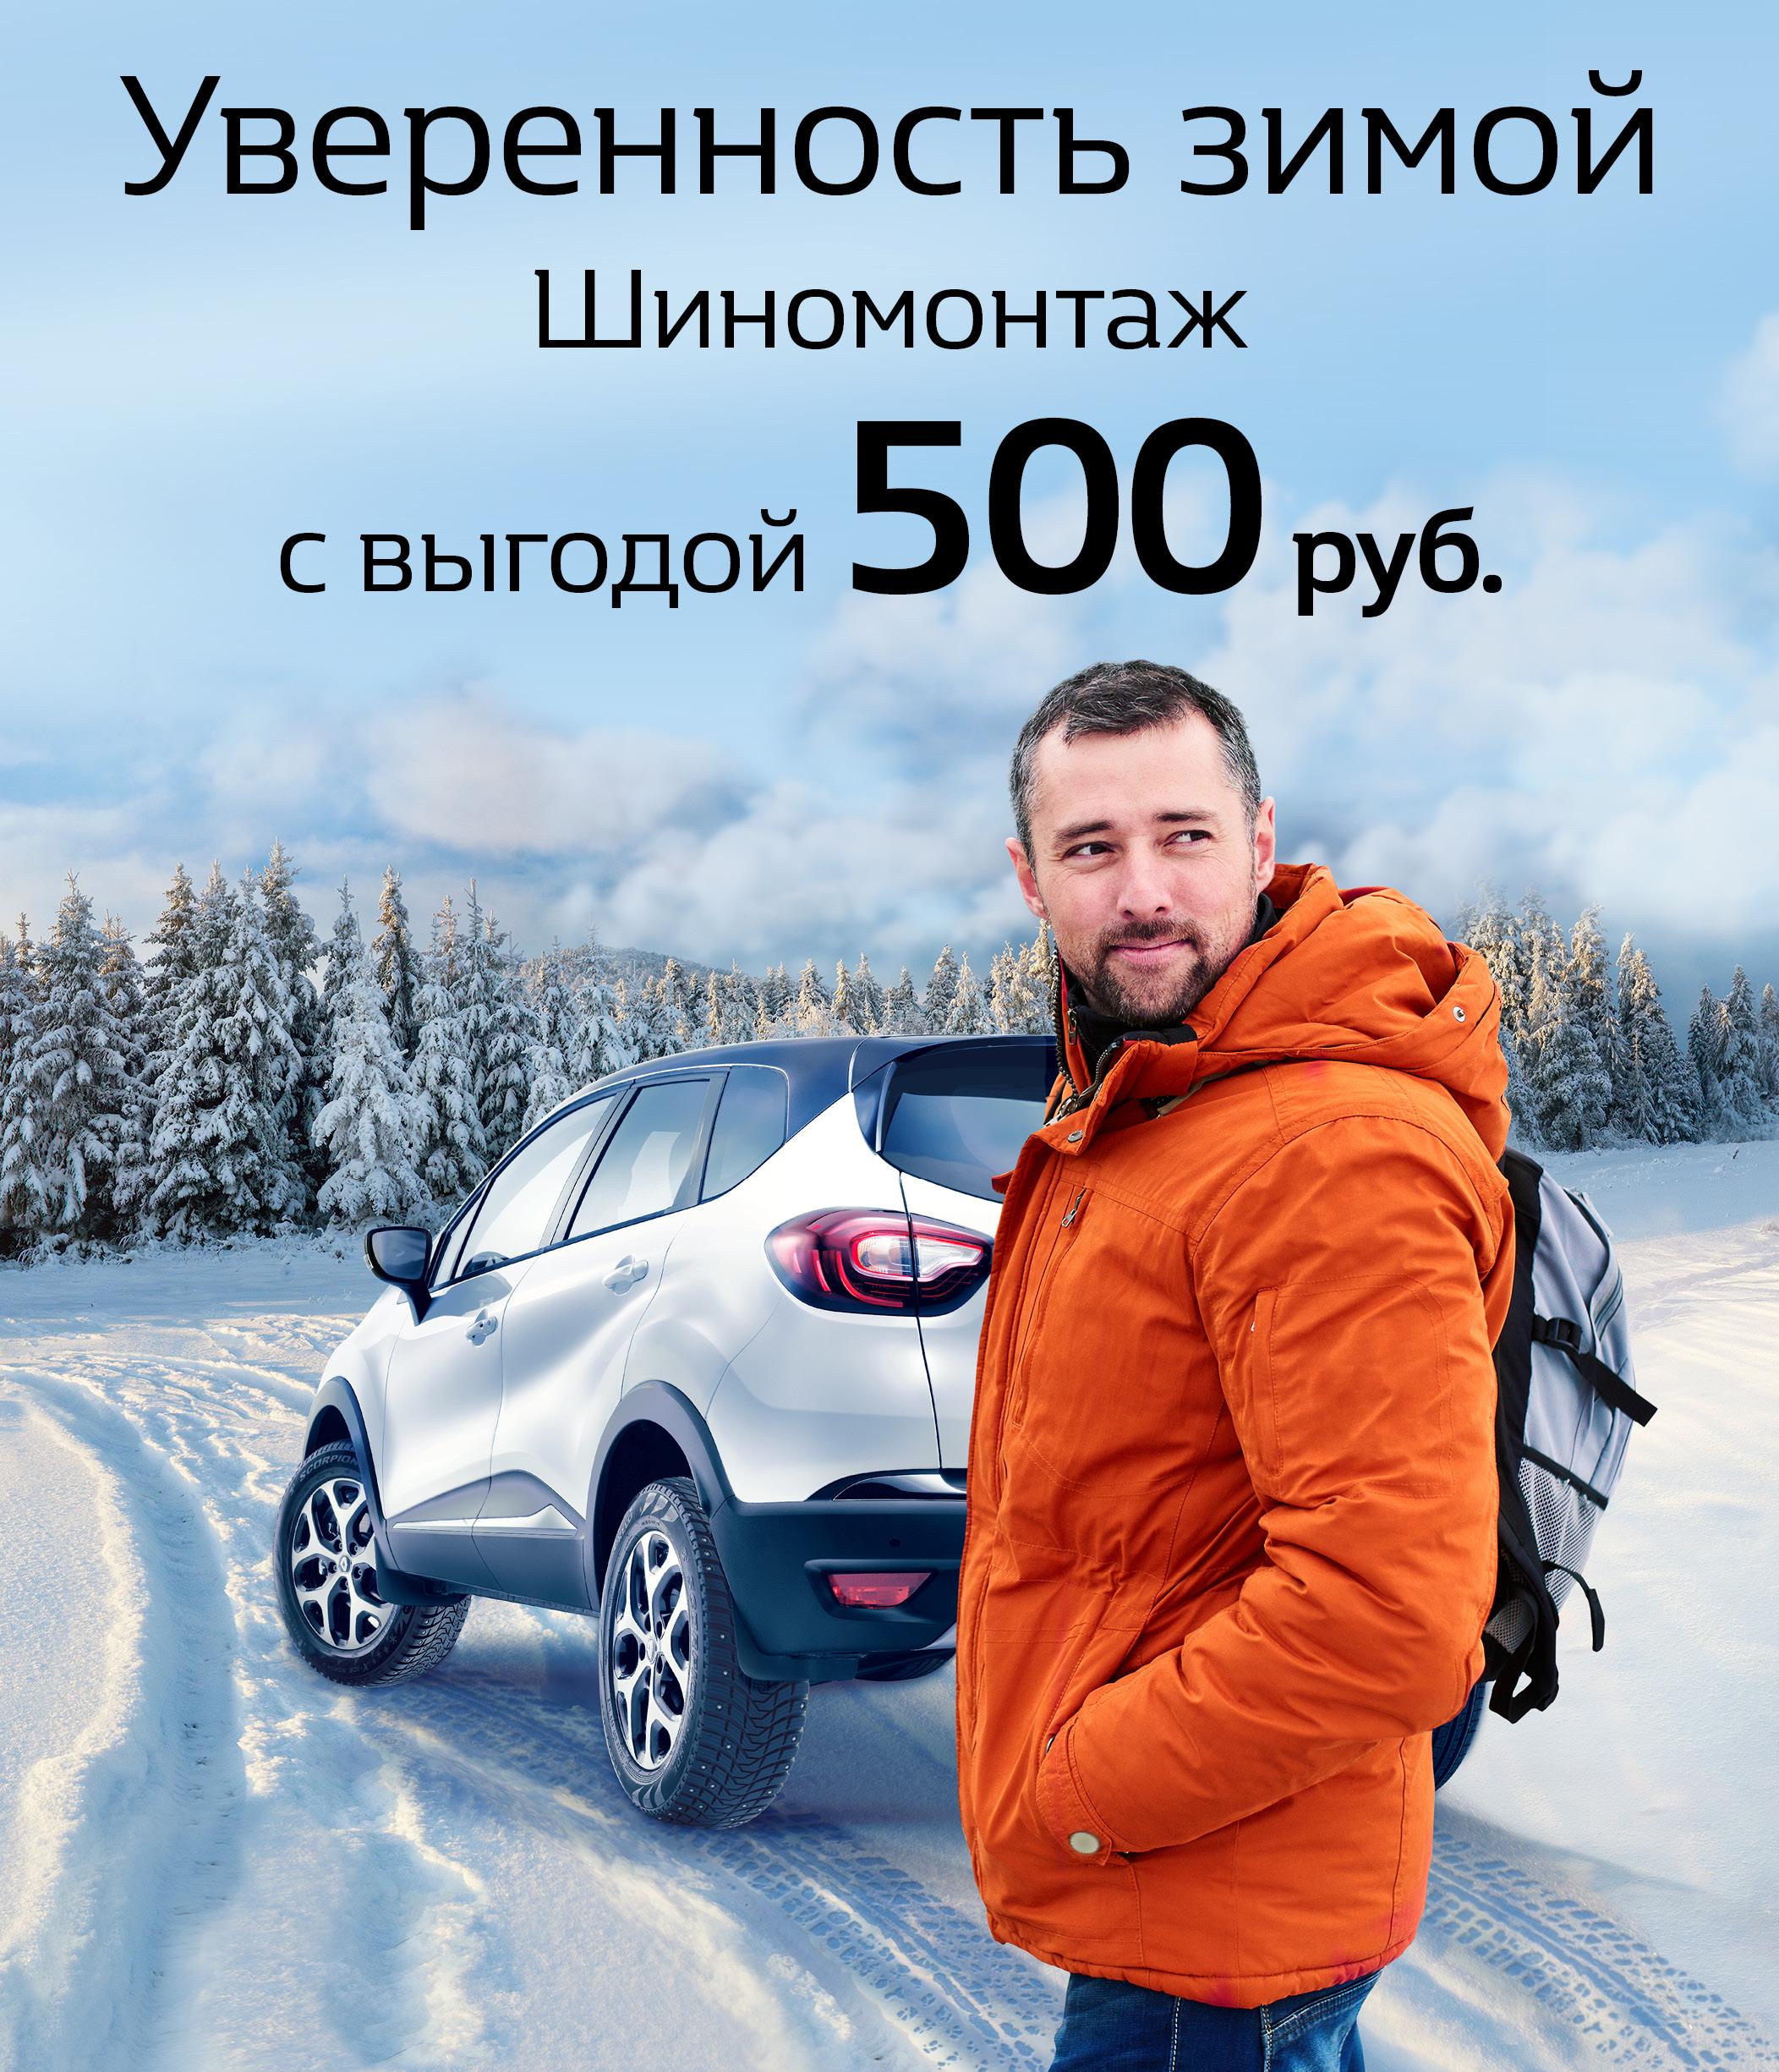 Шиномонтаж с выгодой 500 рублей